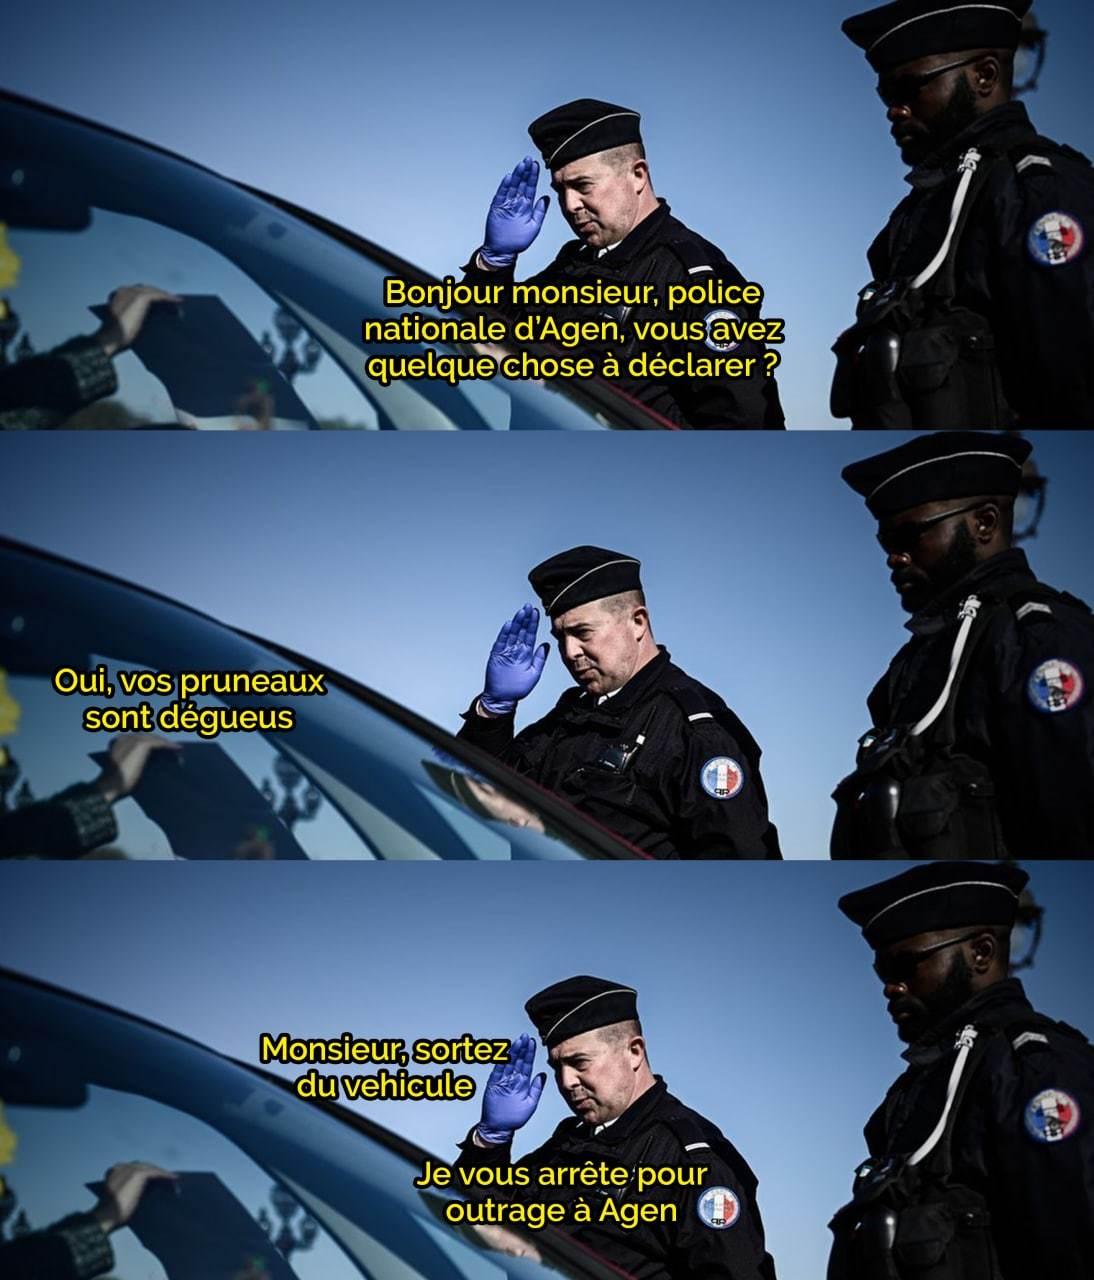 Une histoire digne d'une comédie française moyenne - meme